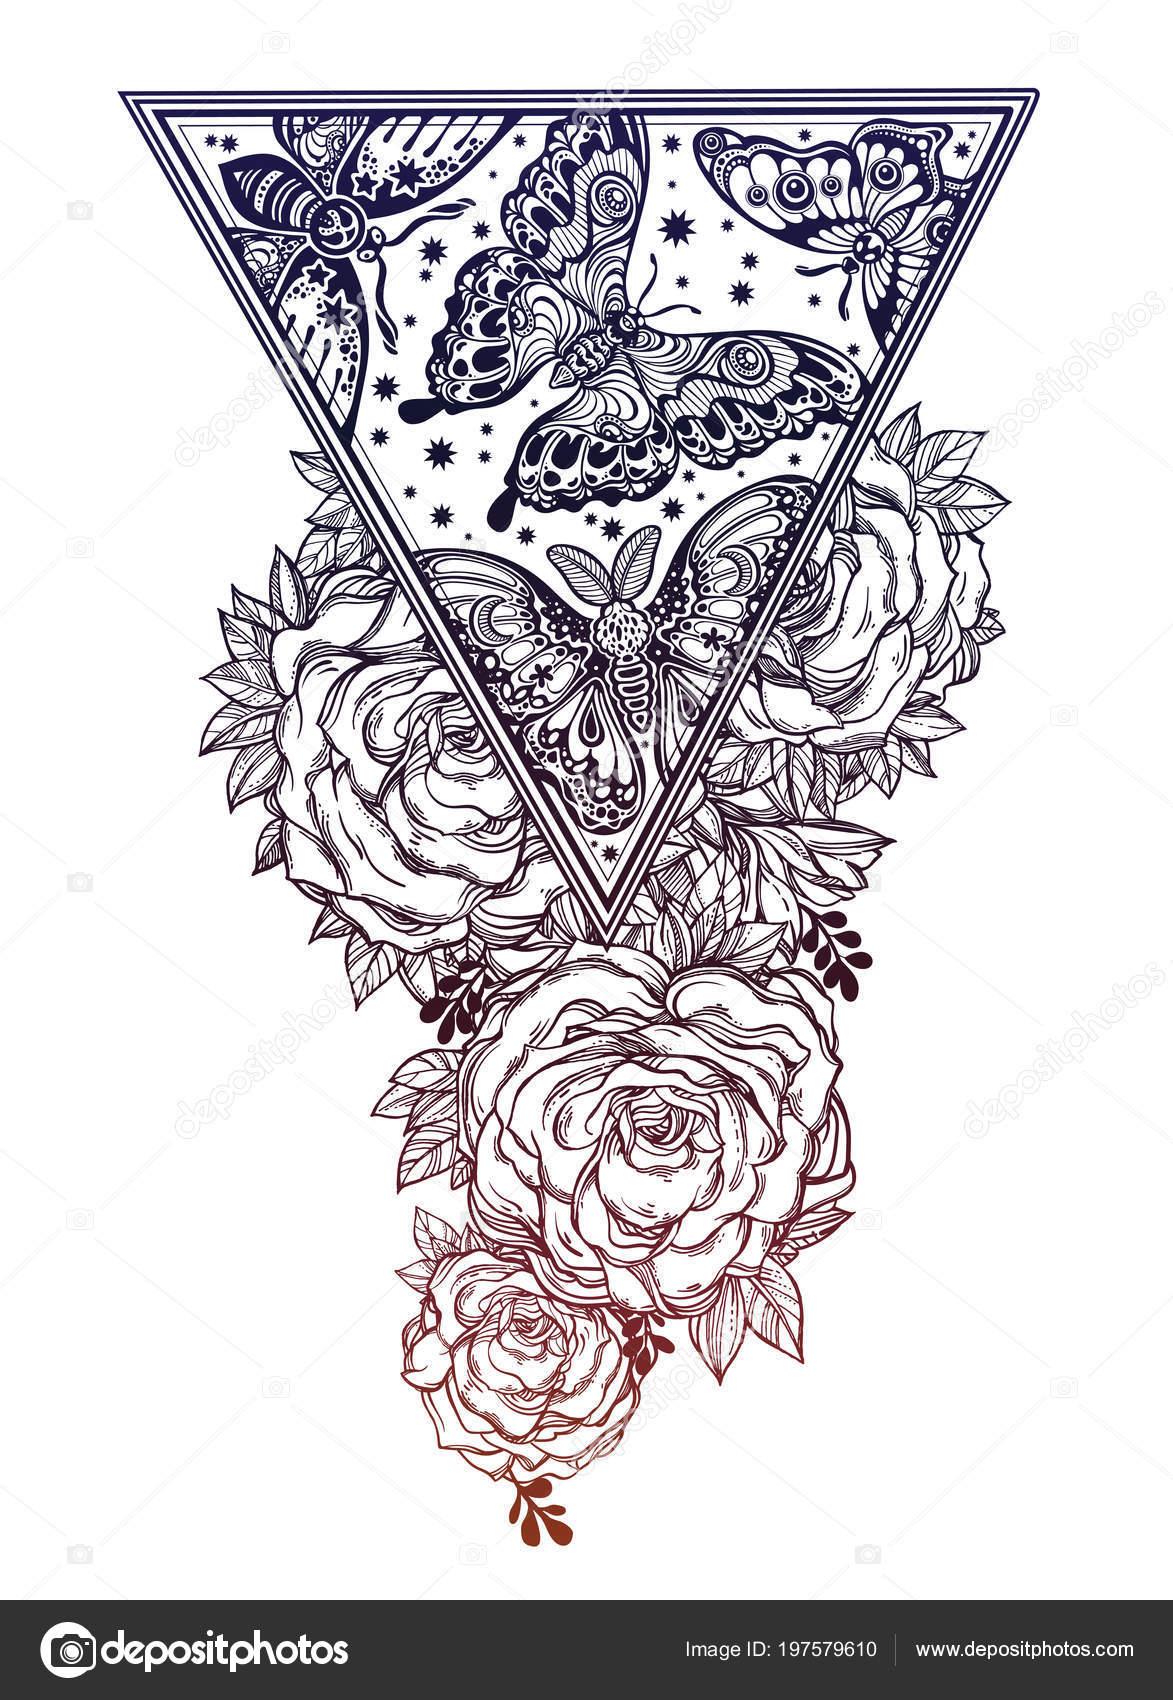 Vintage Floral Highly Detailed Hand Drawn Rose Flower Stem